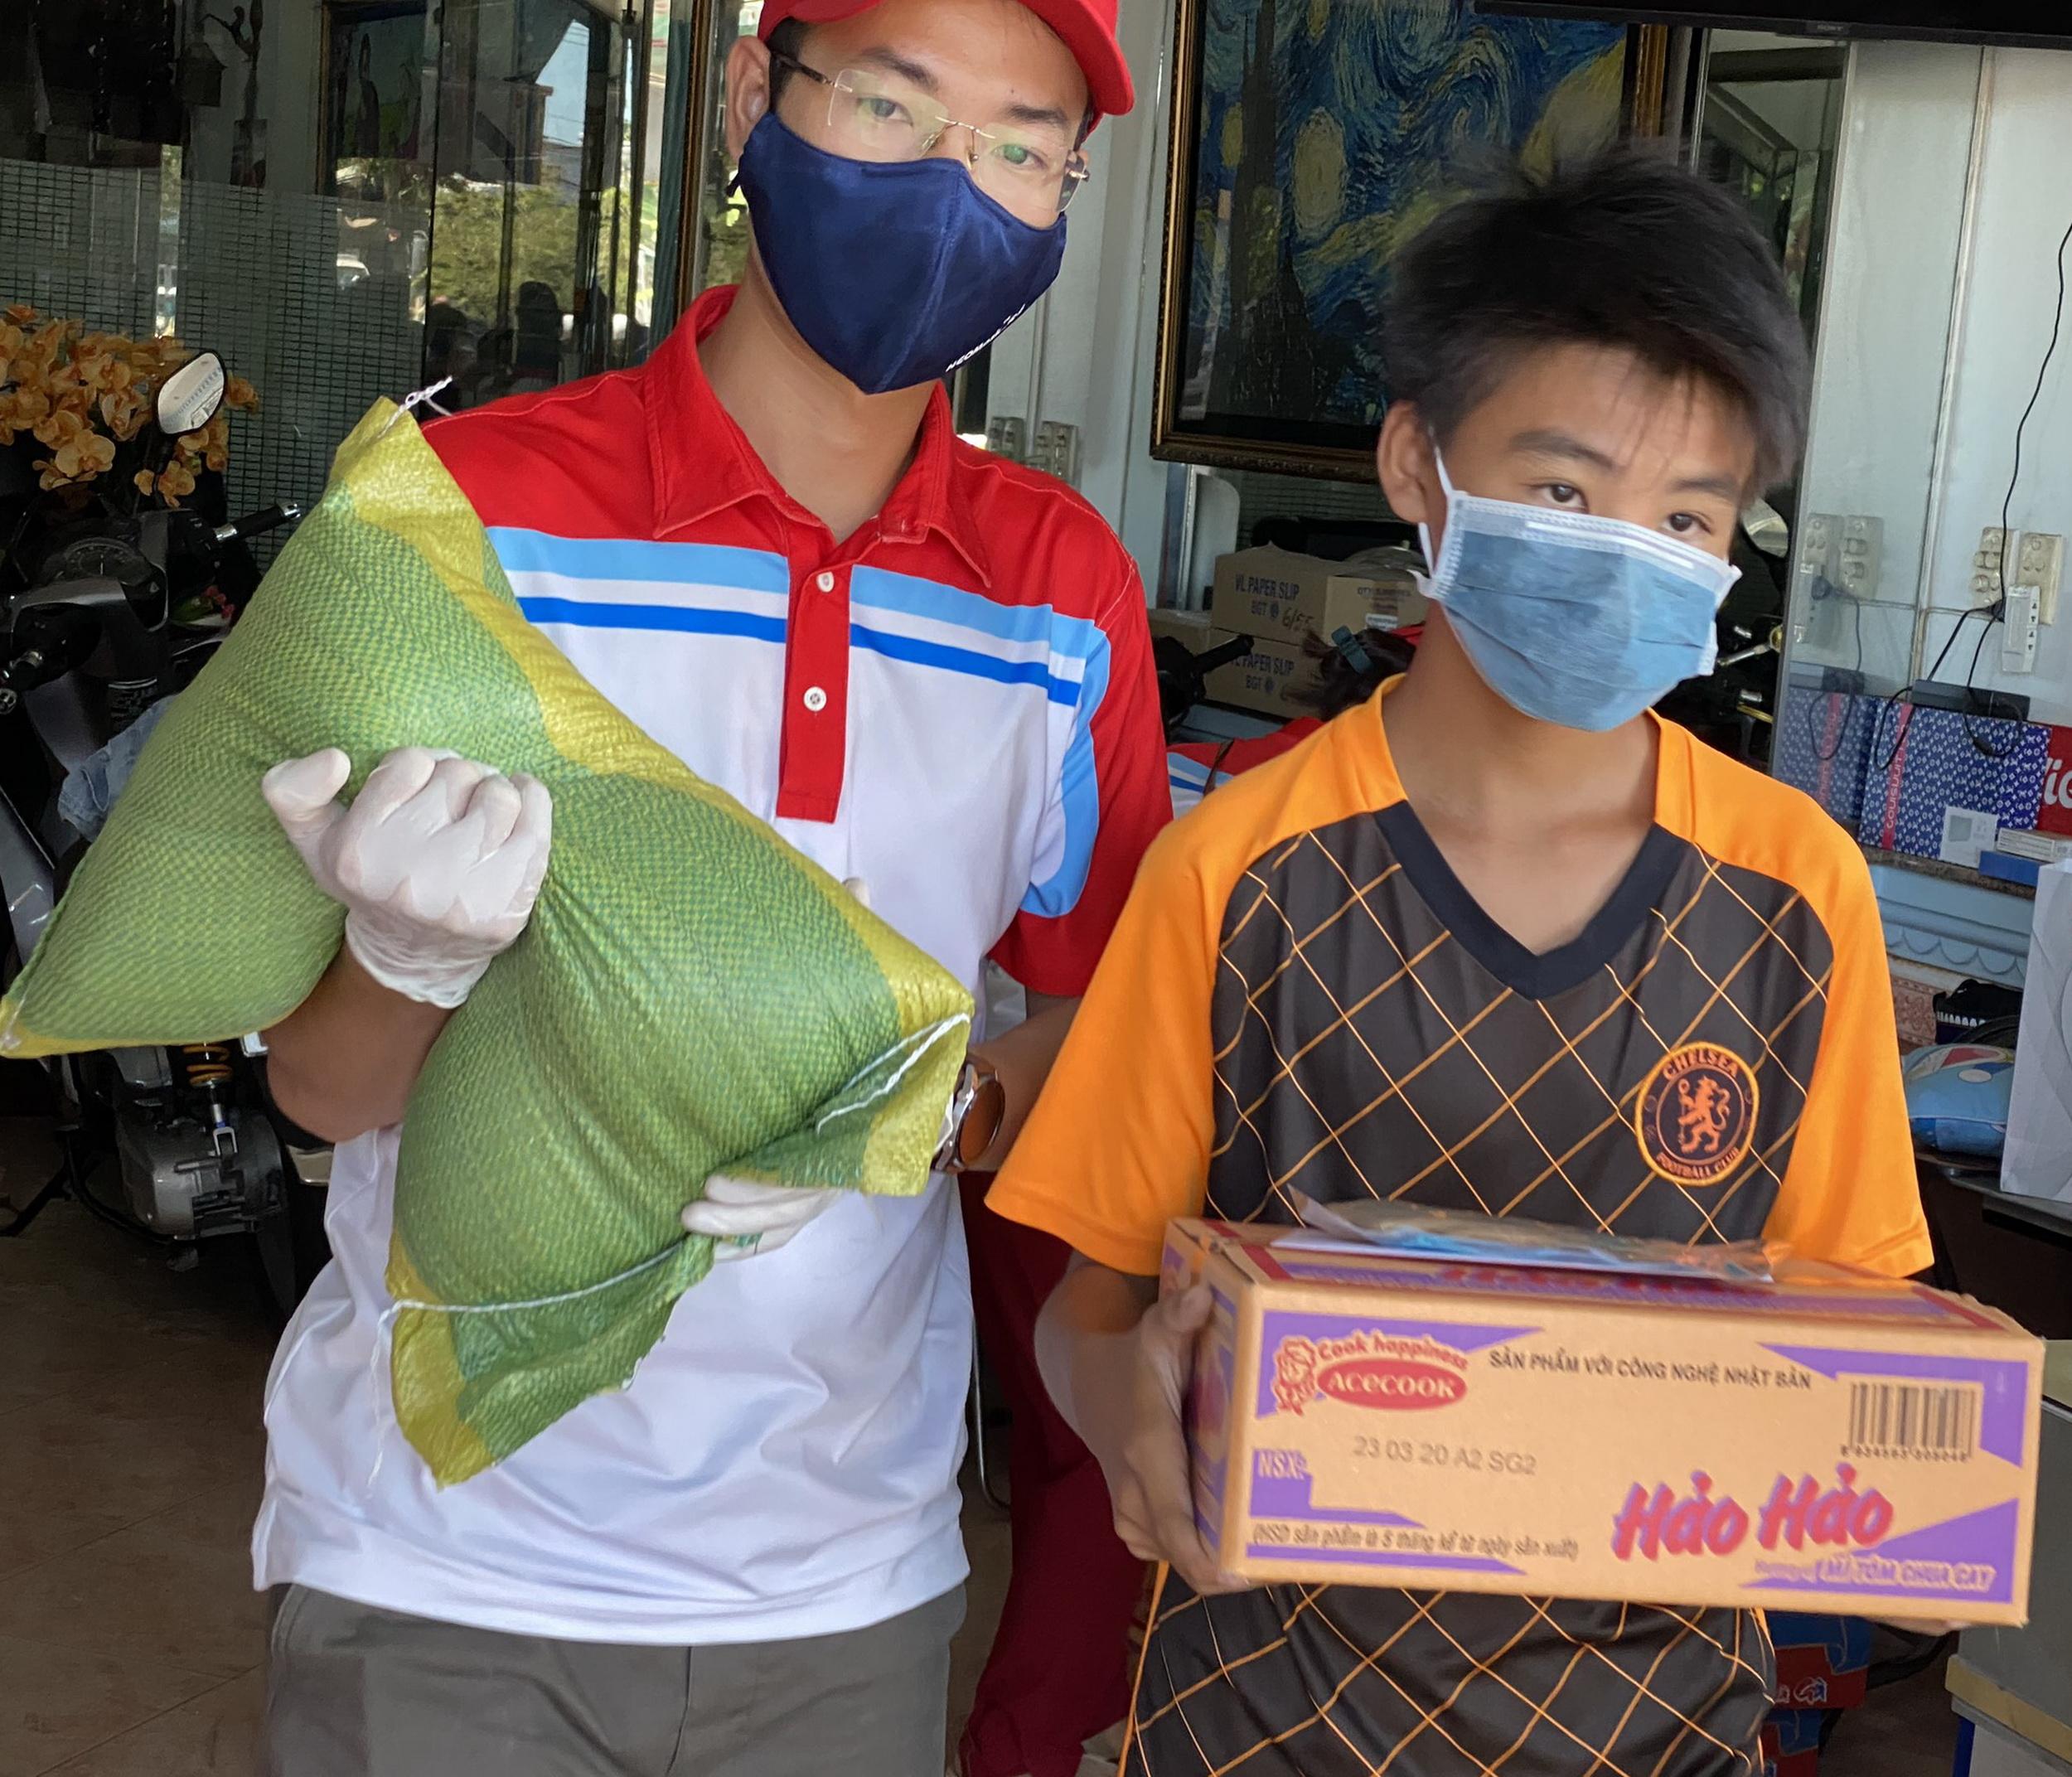 Trao tặng quà thiện nguyện trong điều kiện đảm bảo phòng chống dịch bệnh